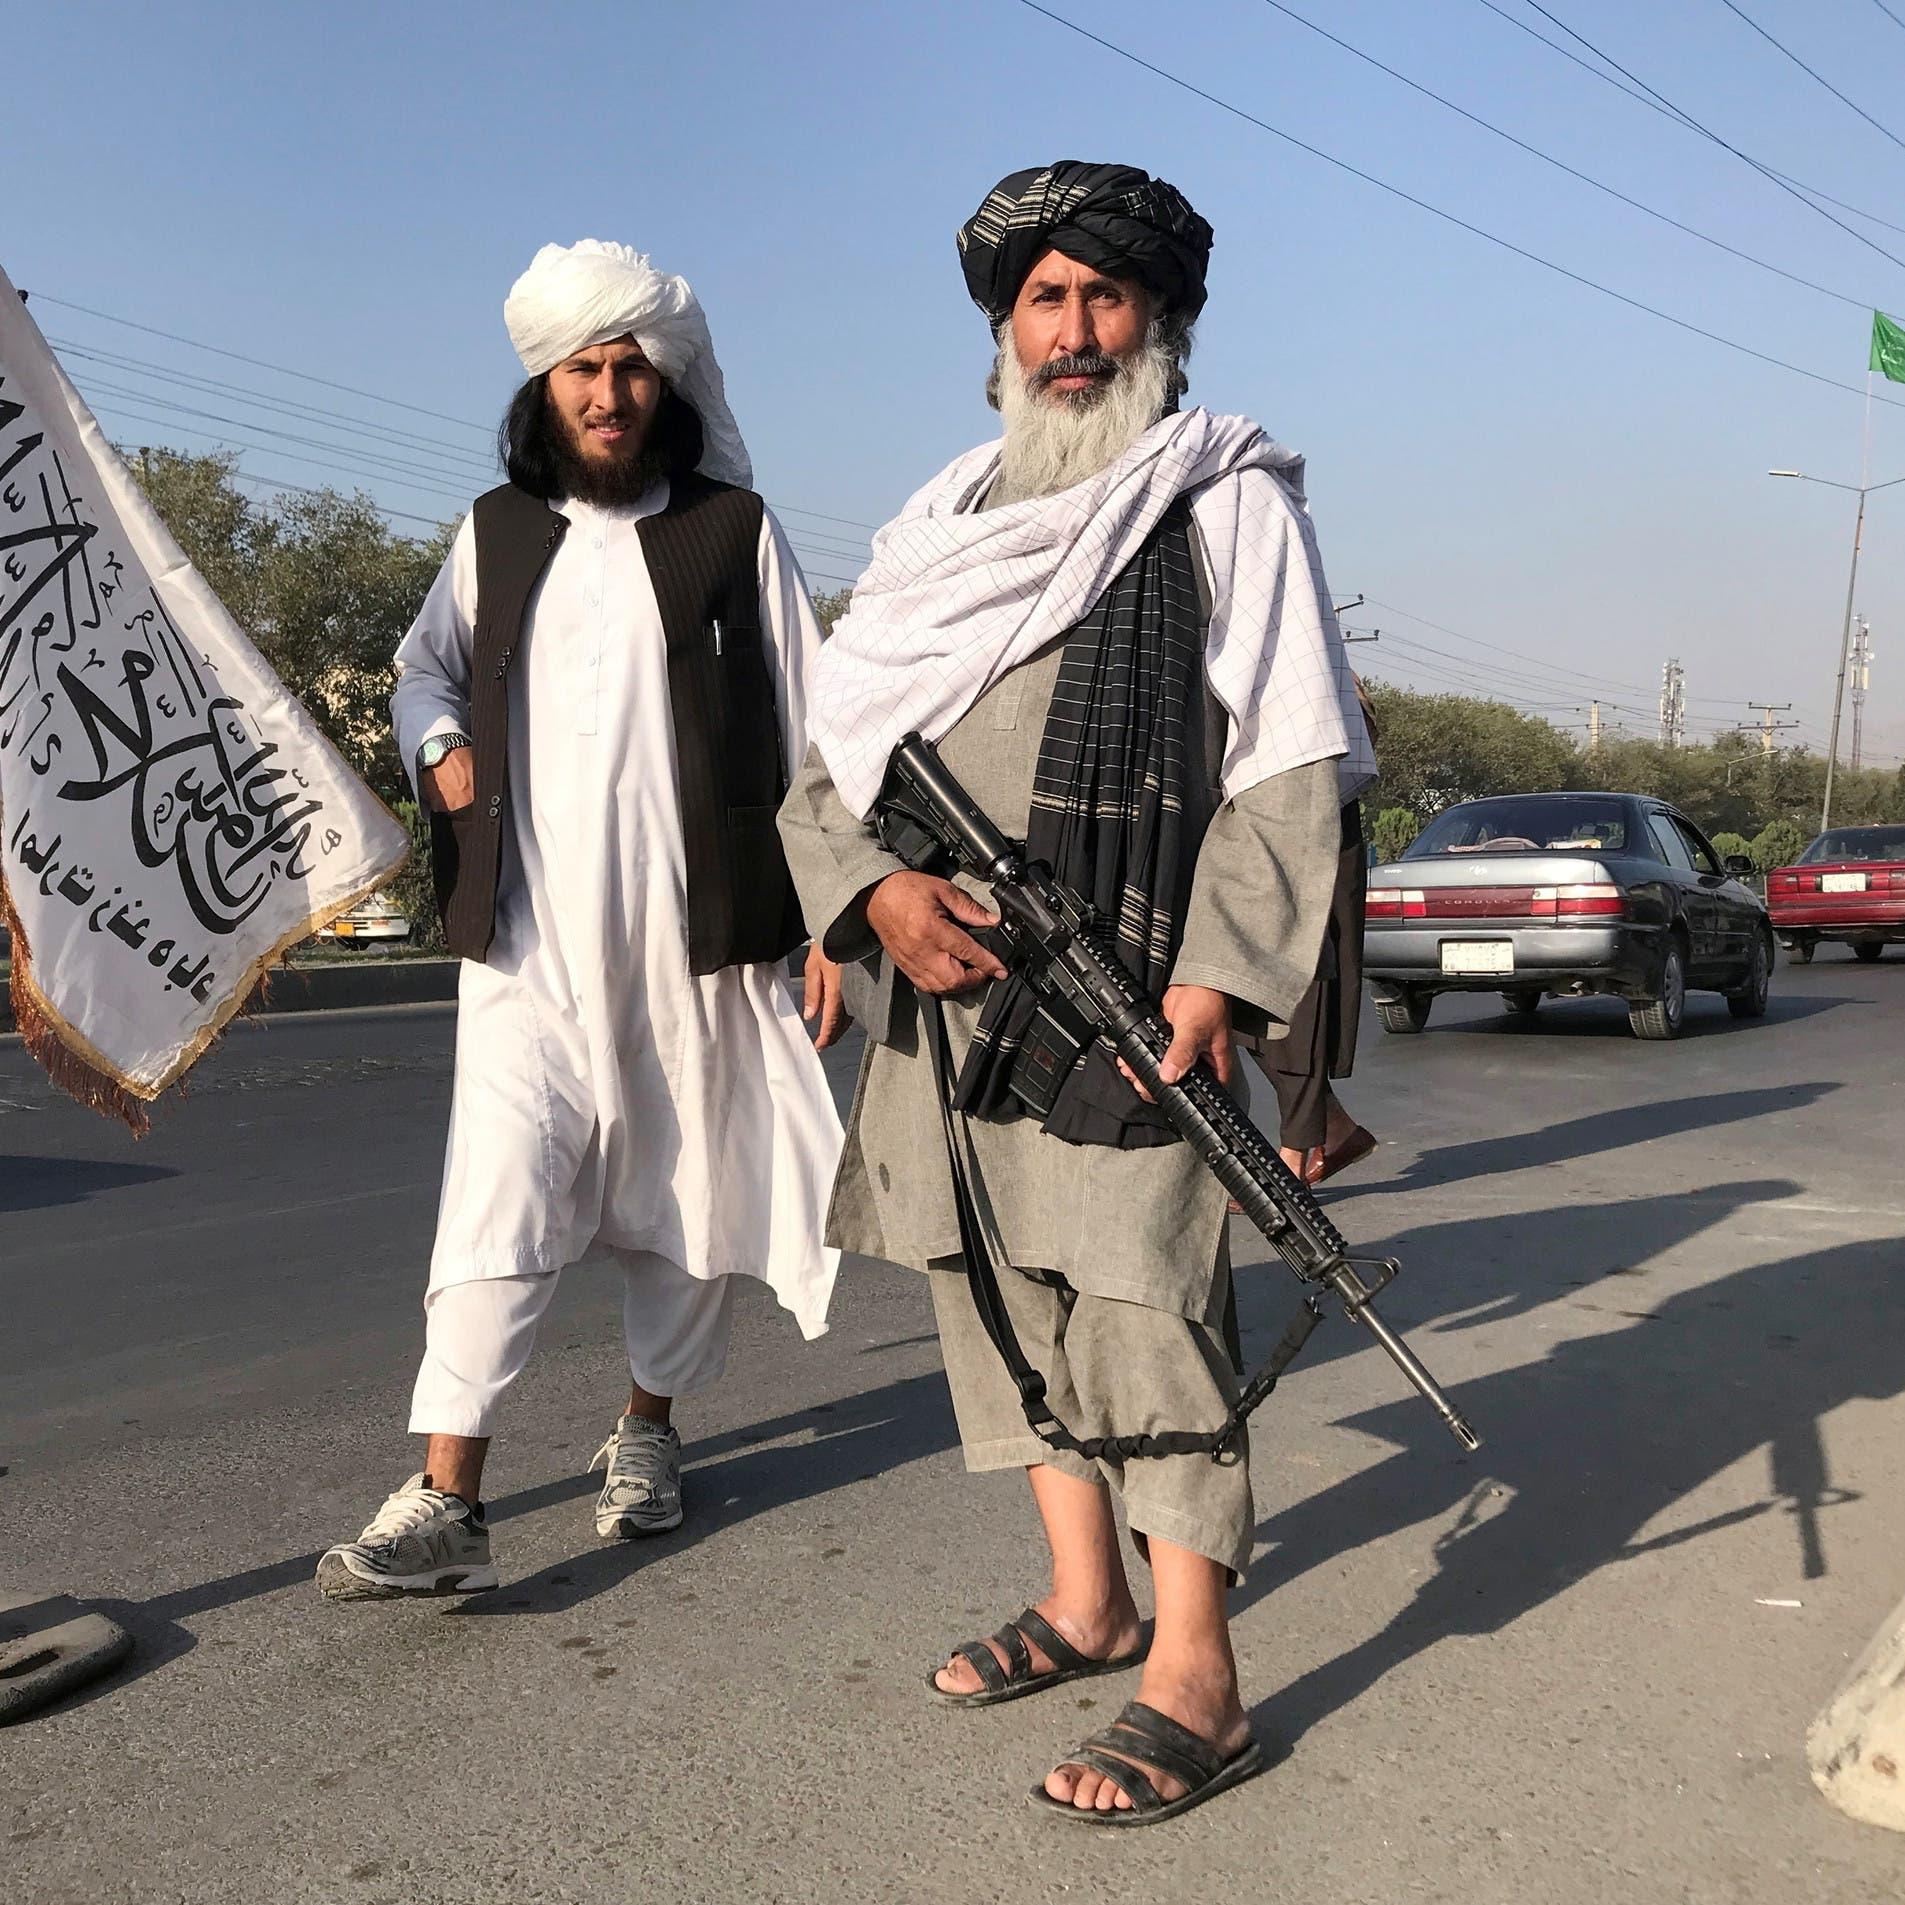 أفغانستان.. طالبان تحتجز وتخفي مسؤولين في حكومة غني